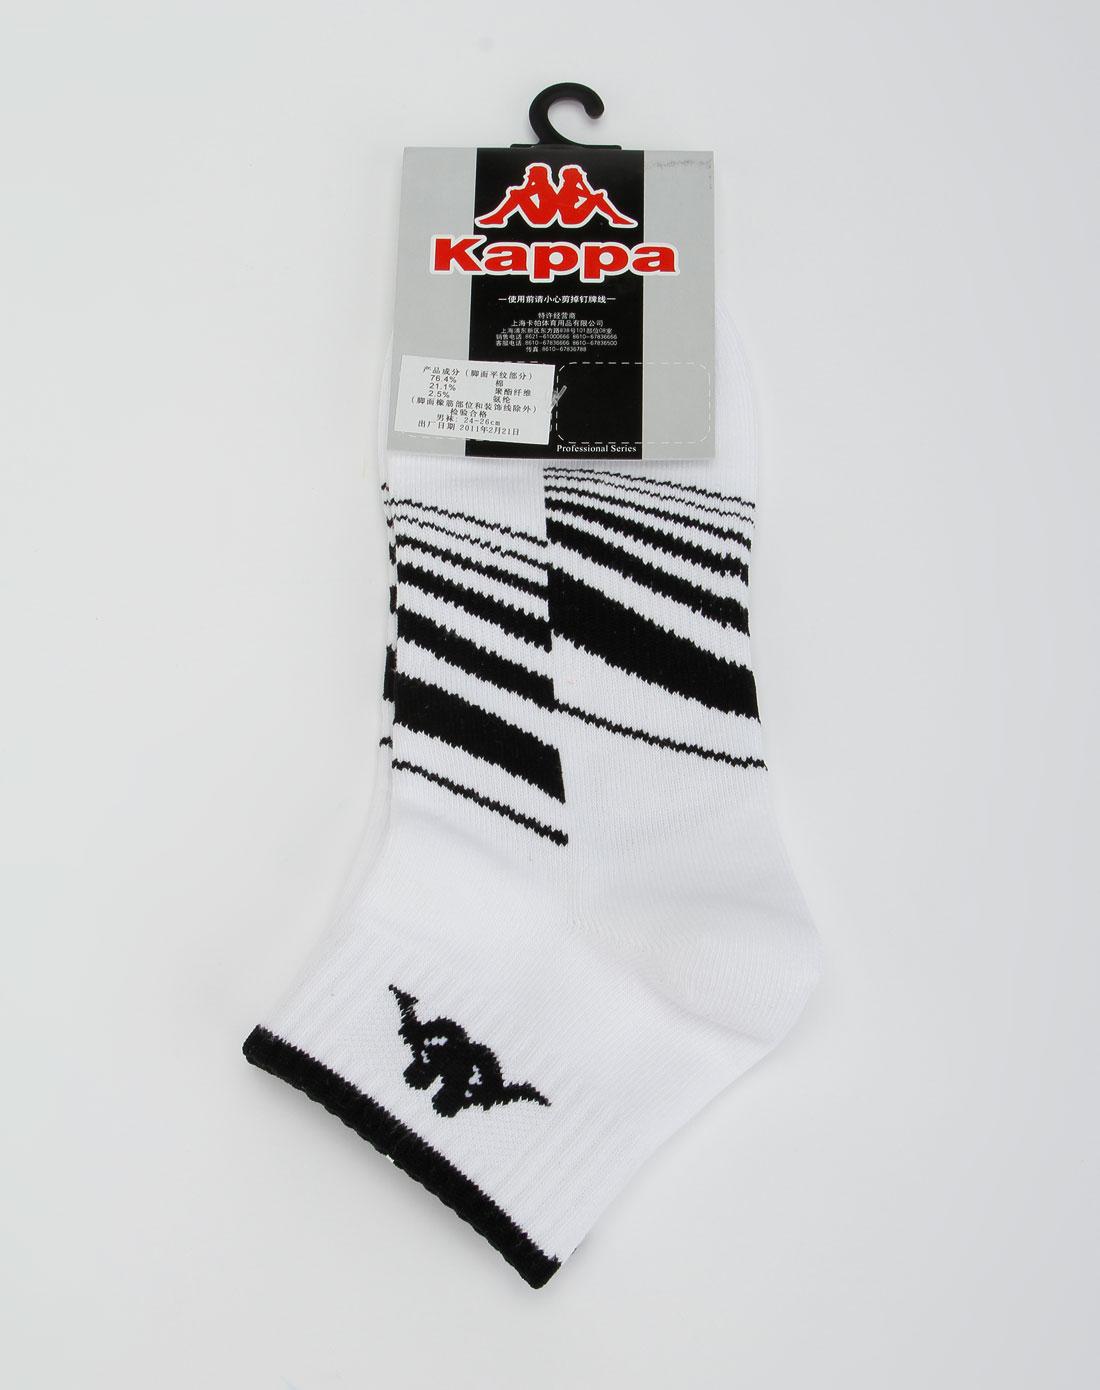 卡帕kappa男装专场-白/黑色时尚简约袜子